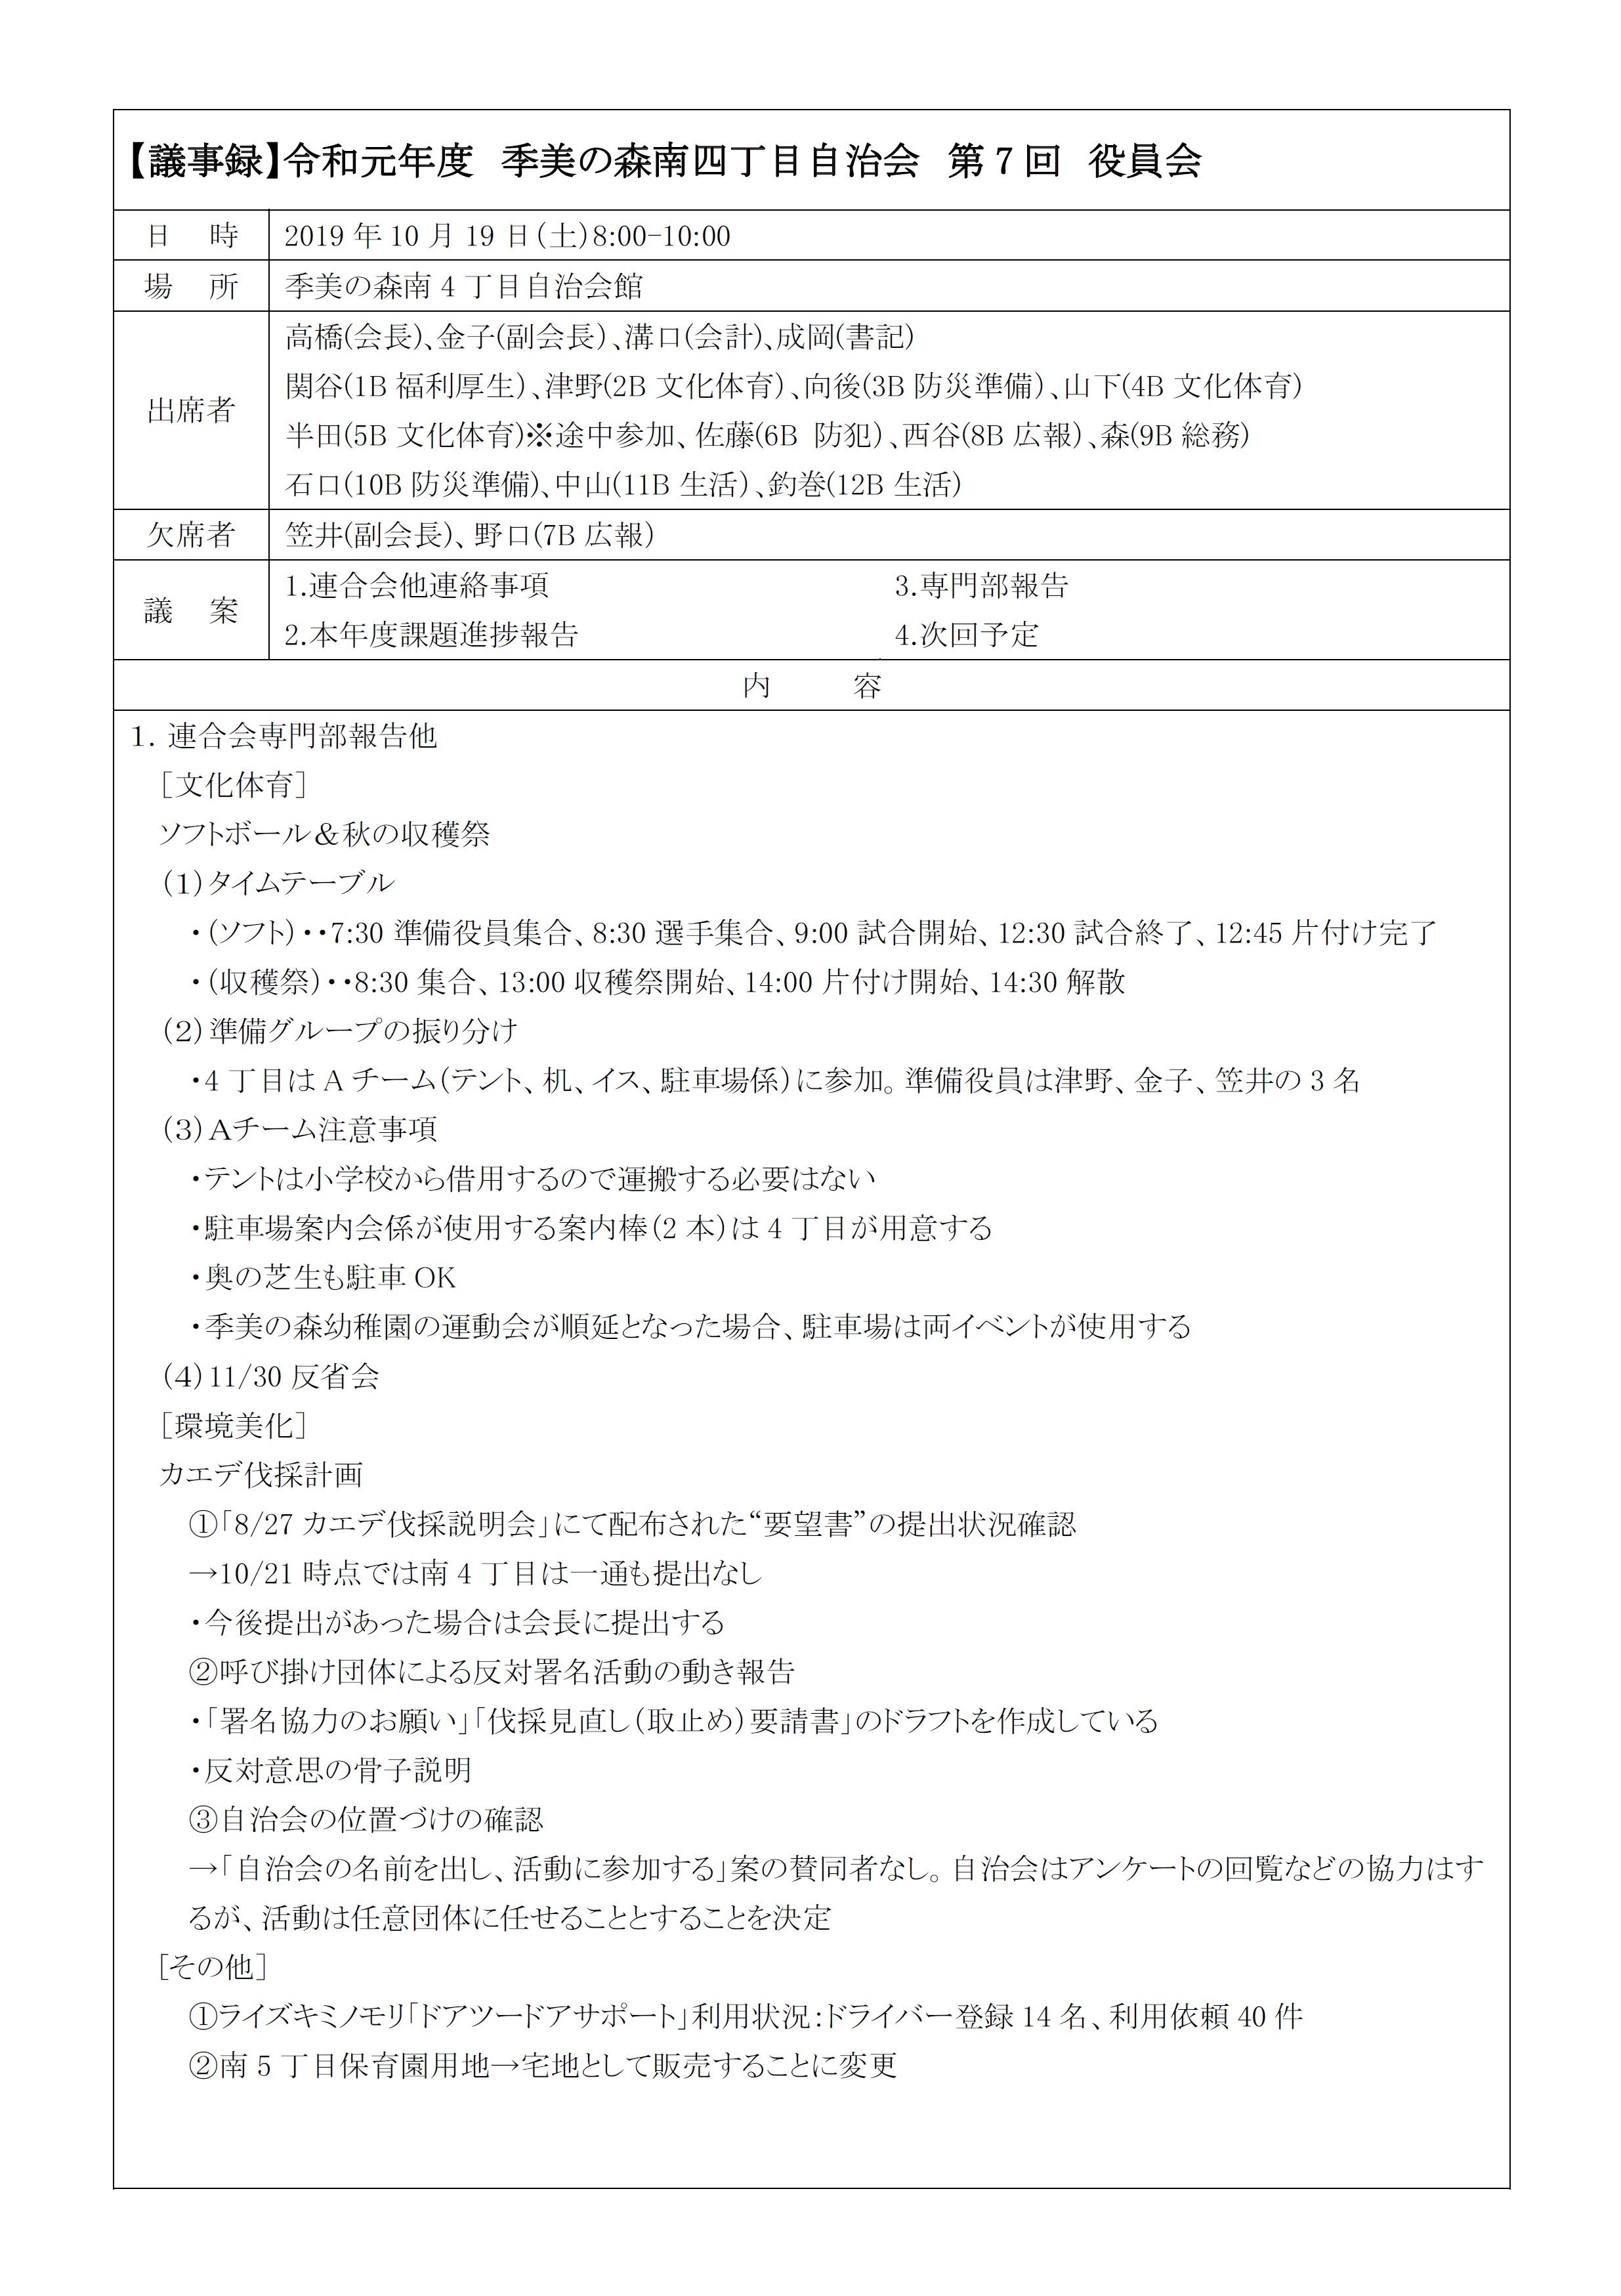 2019第7回役員会議事録P1